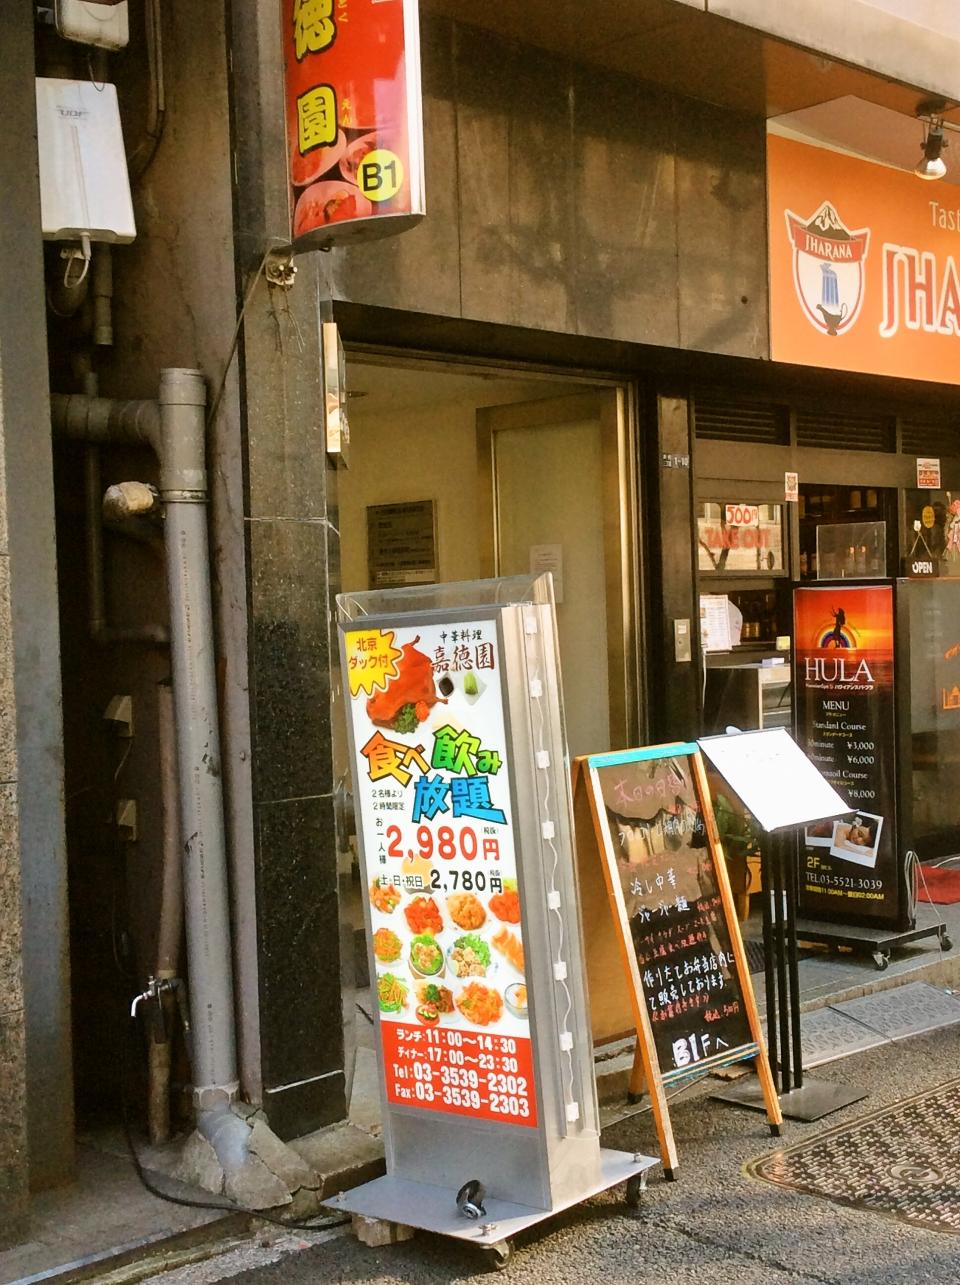 嘉徳園新橋店(店舗)